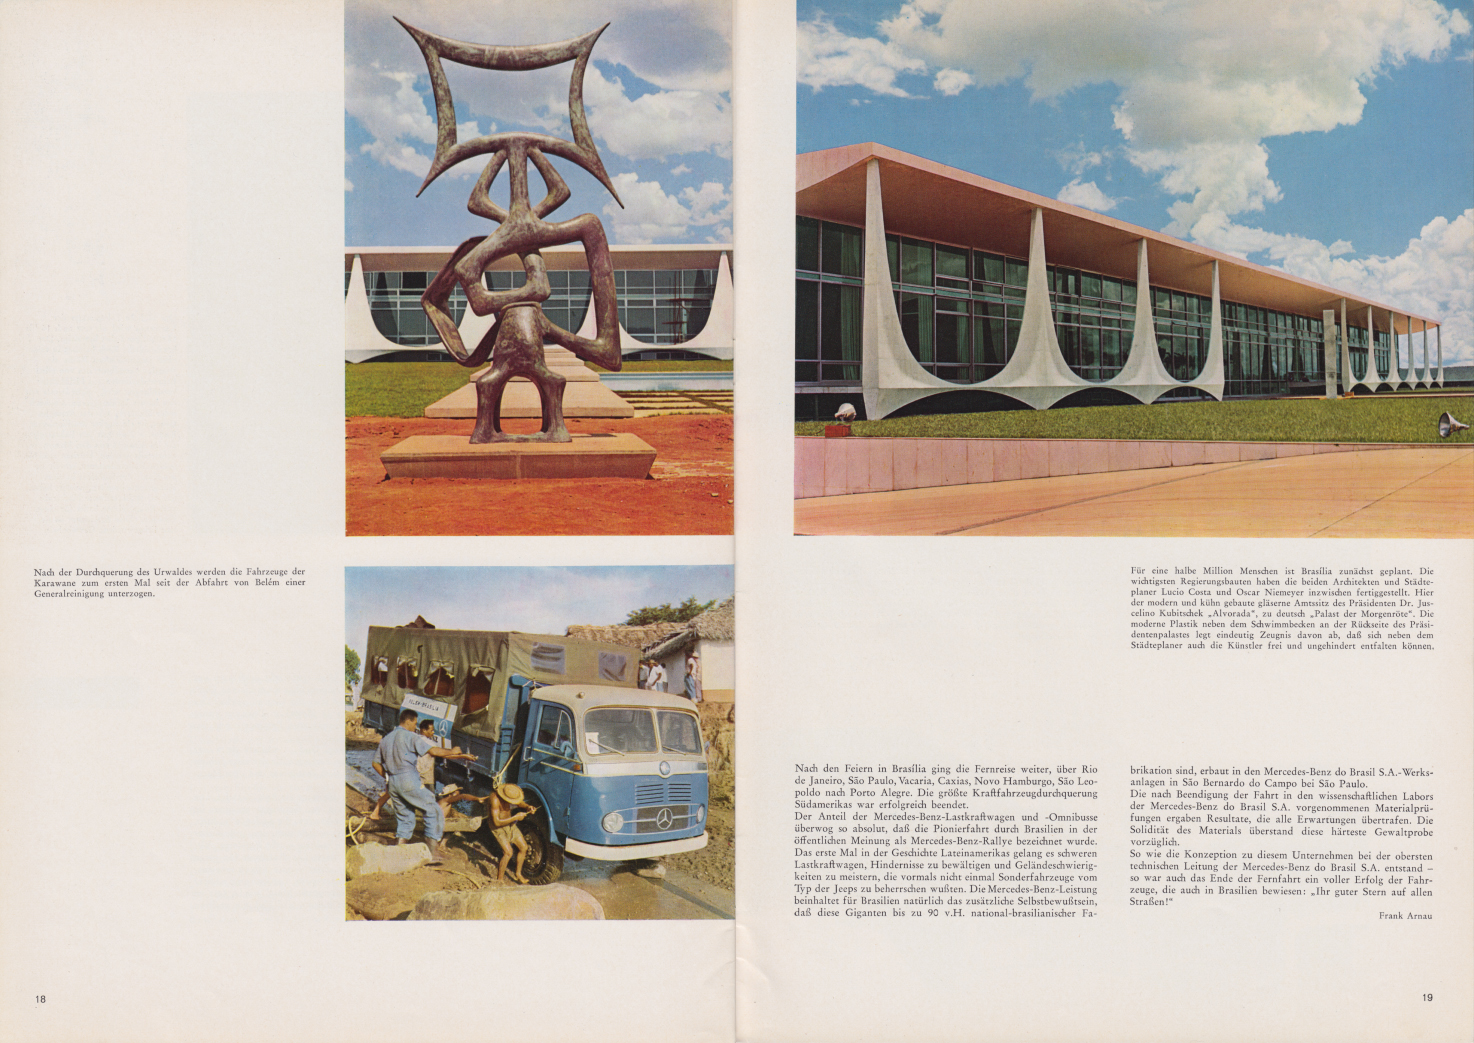 (REVISTA): Periódico In aller welt n.º 42 - Mercedes-Benz no mundo - 1960 - multilingue - com imagens do Brasil e construção de Brasília 012